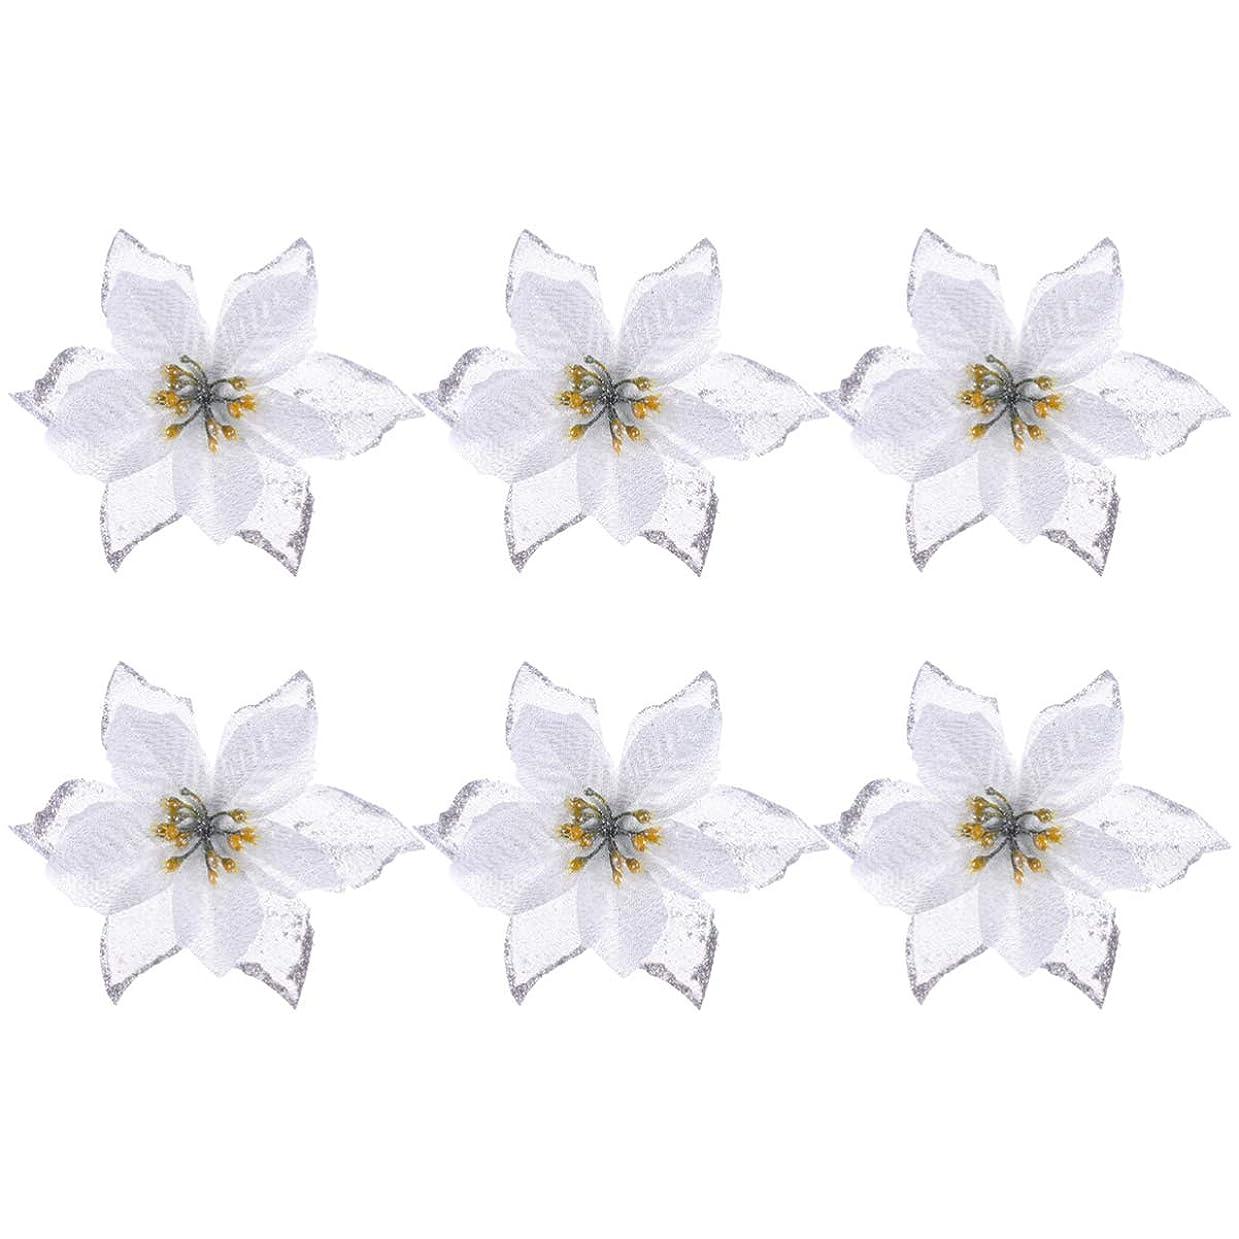 変形エンコミウムプライムLEDMOMO クリスマス 花 飾り 結婚式 銀 クリスマスツリー 花 装飾品 模造花 6本